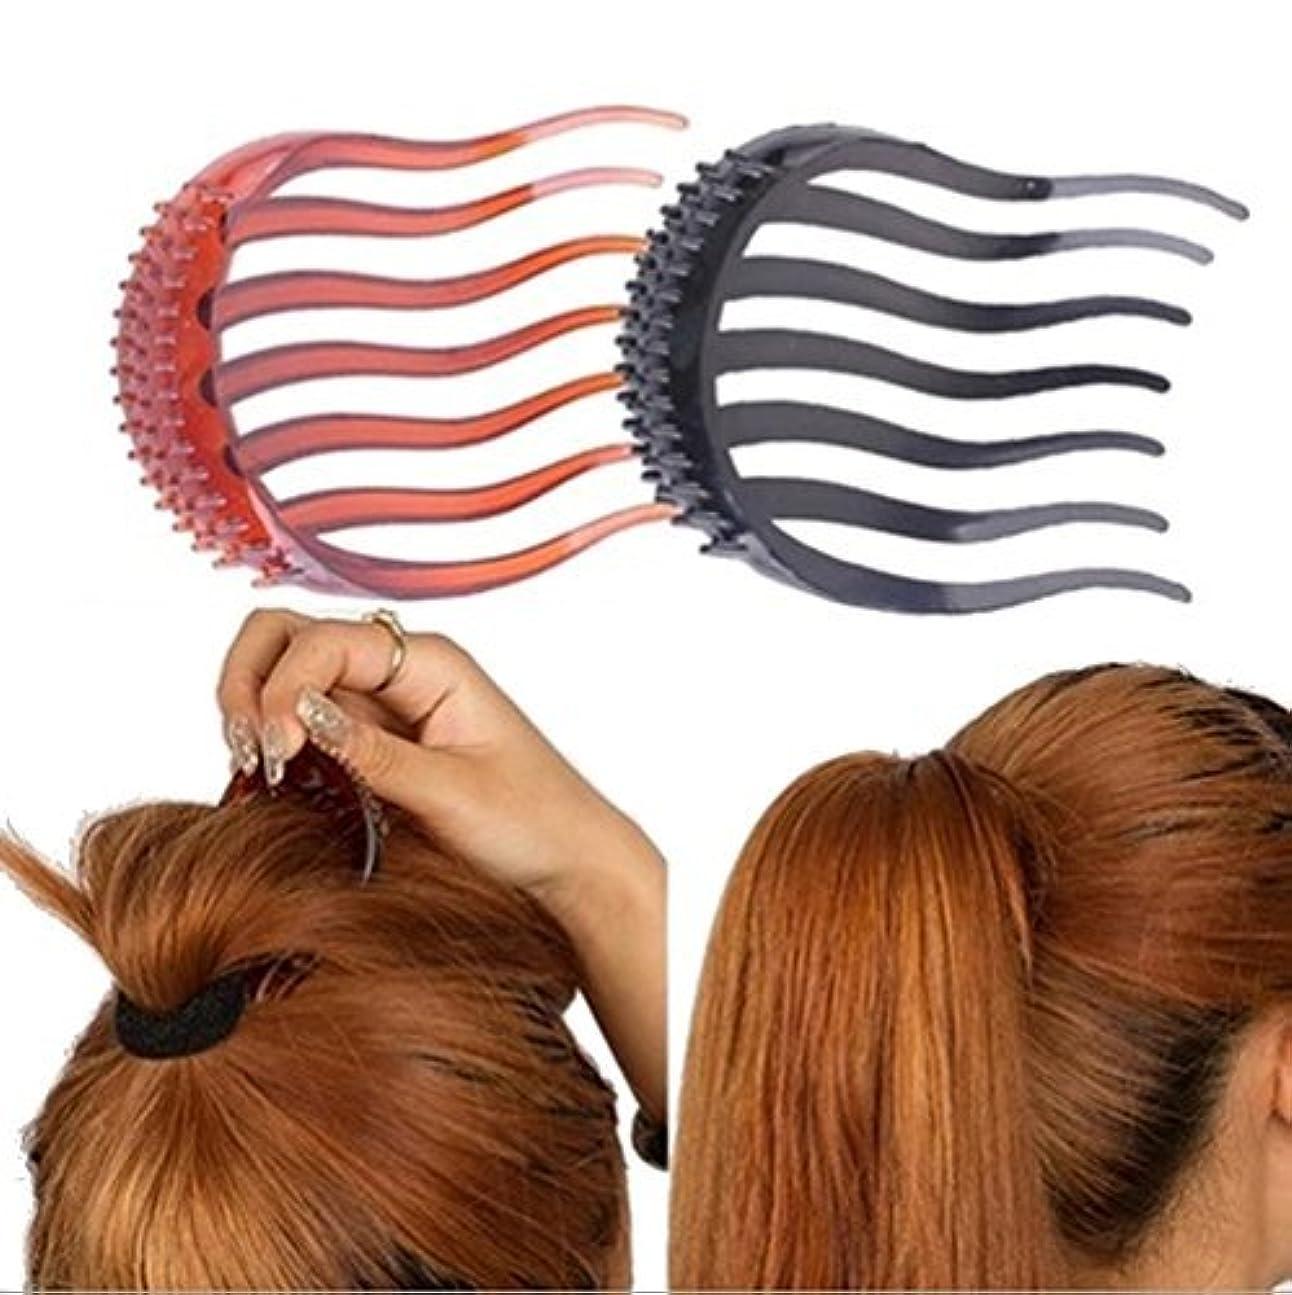 提案またねポーター2Pcs Ponytail Bump it UP Hair Styling Insert Comb Fluffy Hair Comb (1Black+1Coffee) [並行輸入品]